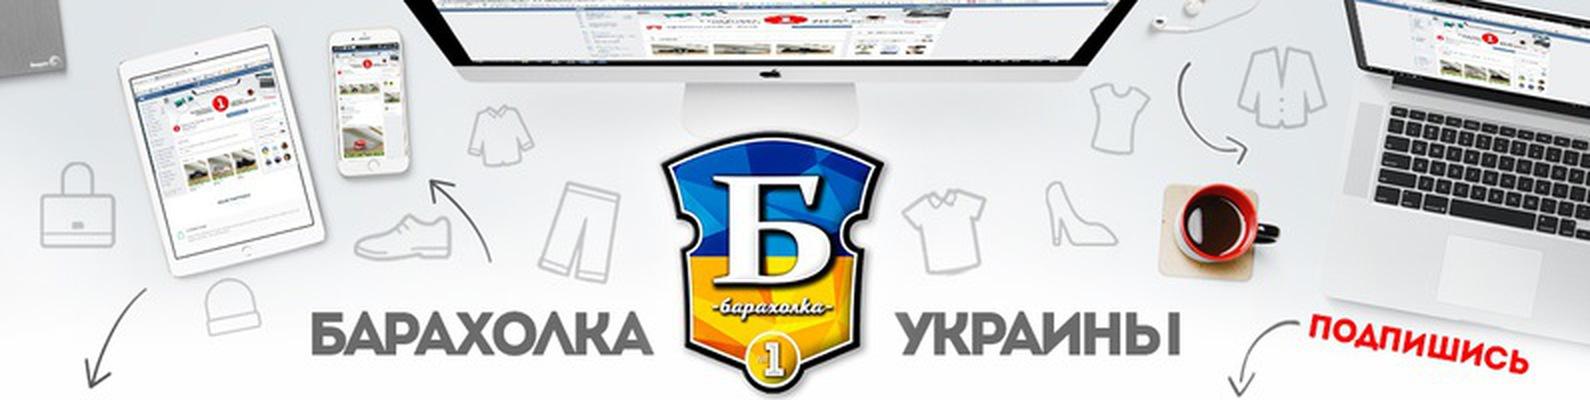 f3fa4ab4739f Корець | Рівне |Барахолка UA | Доска объявлений | ВКонтакте